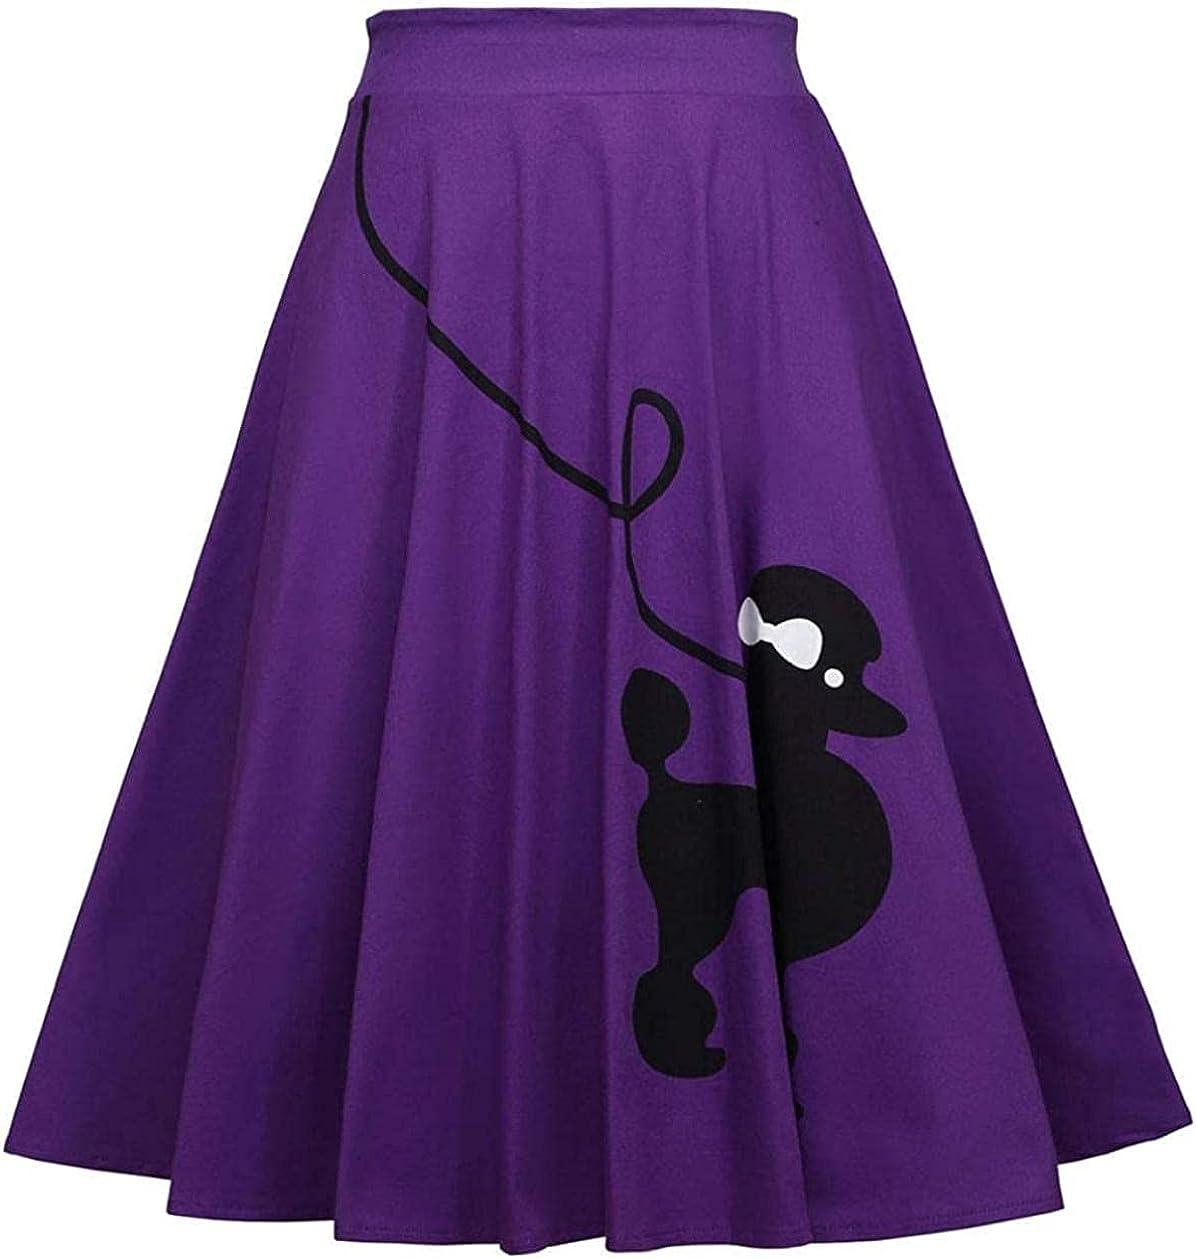 Rsqsjgkert Women's 50s Cute Poodle Zipper Back Ruffled Swing A-Line Skirt